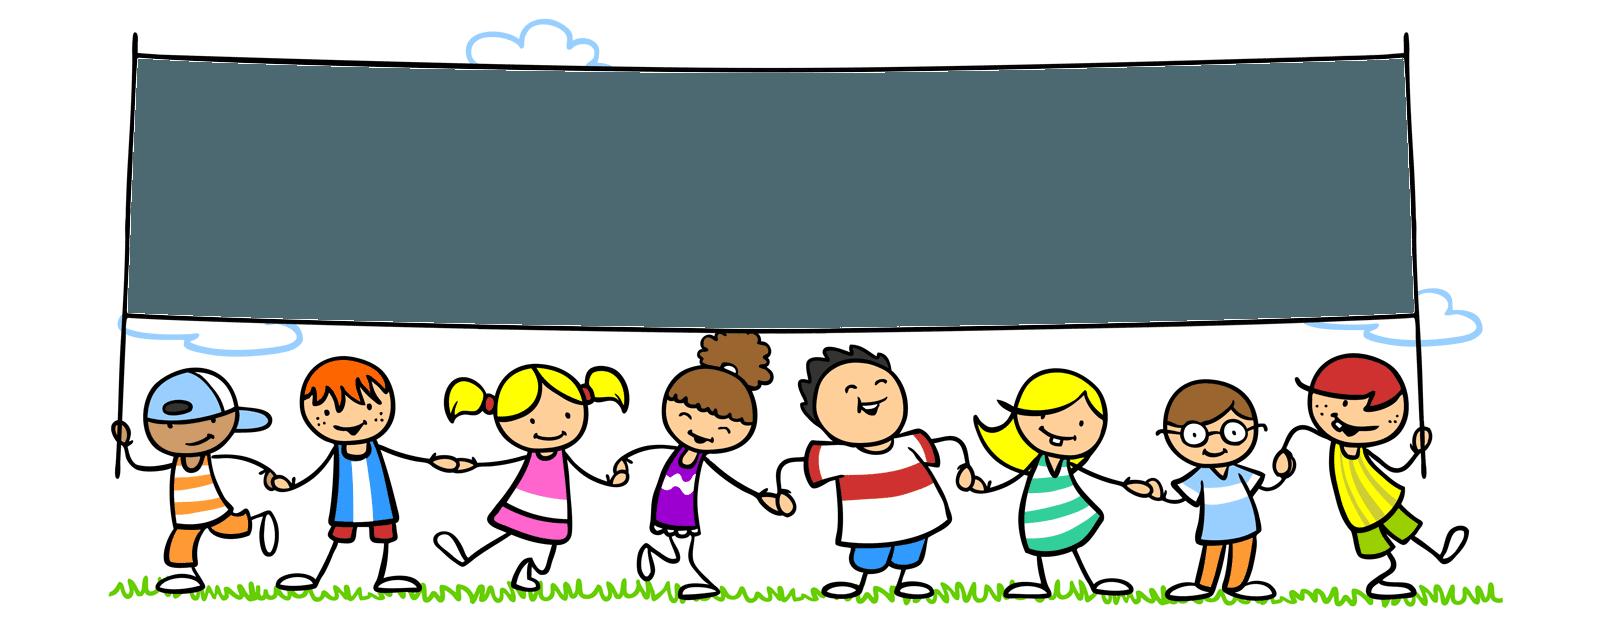 Mckee language schools immersion. Schedule clipart calendar spanish